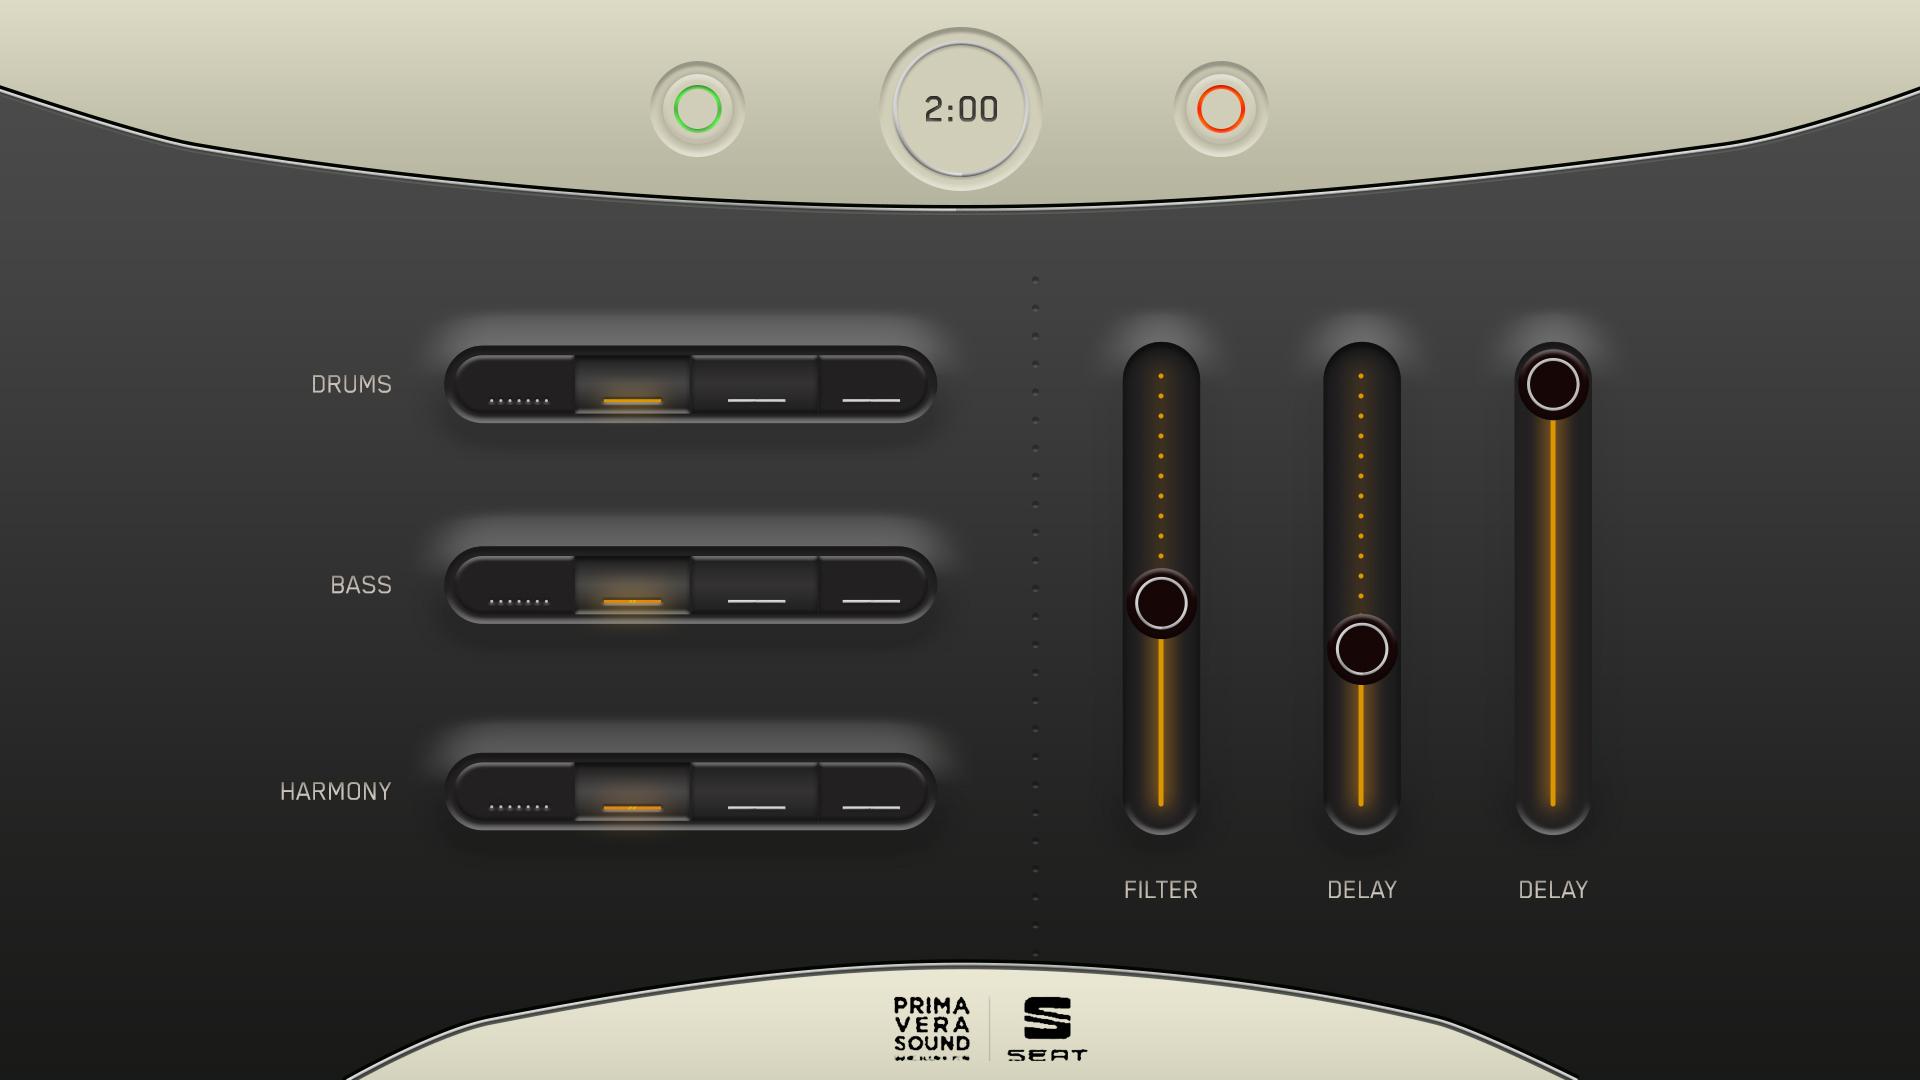 UIcontrol_SeatPrimavera_02